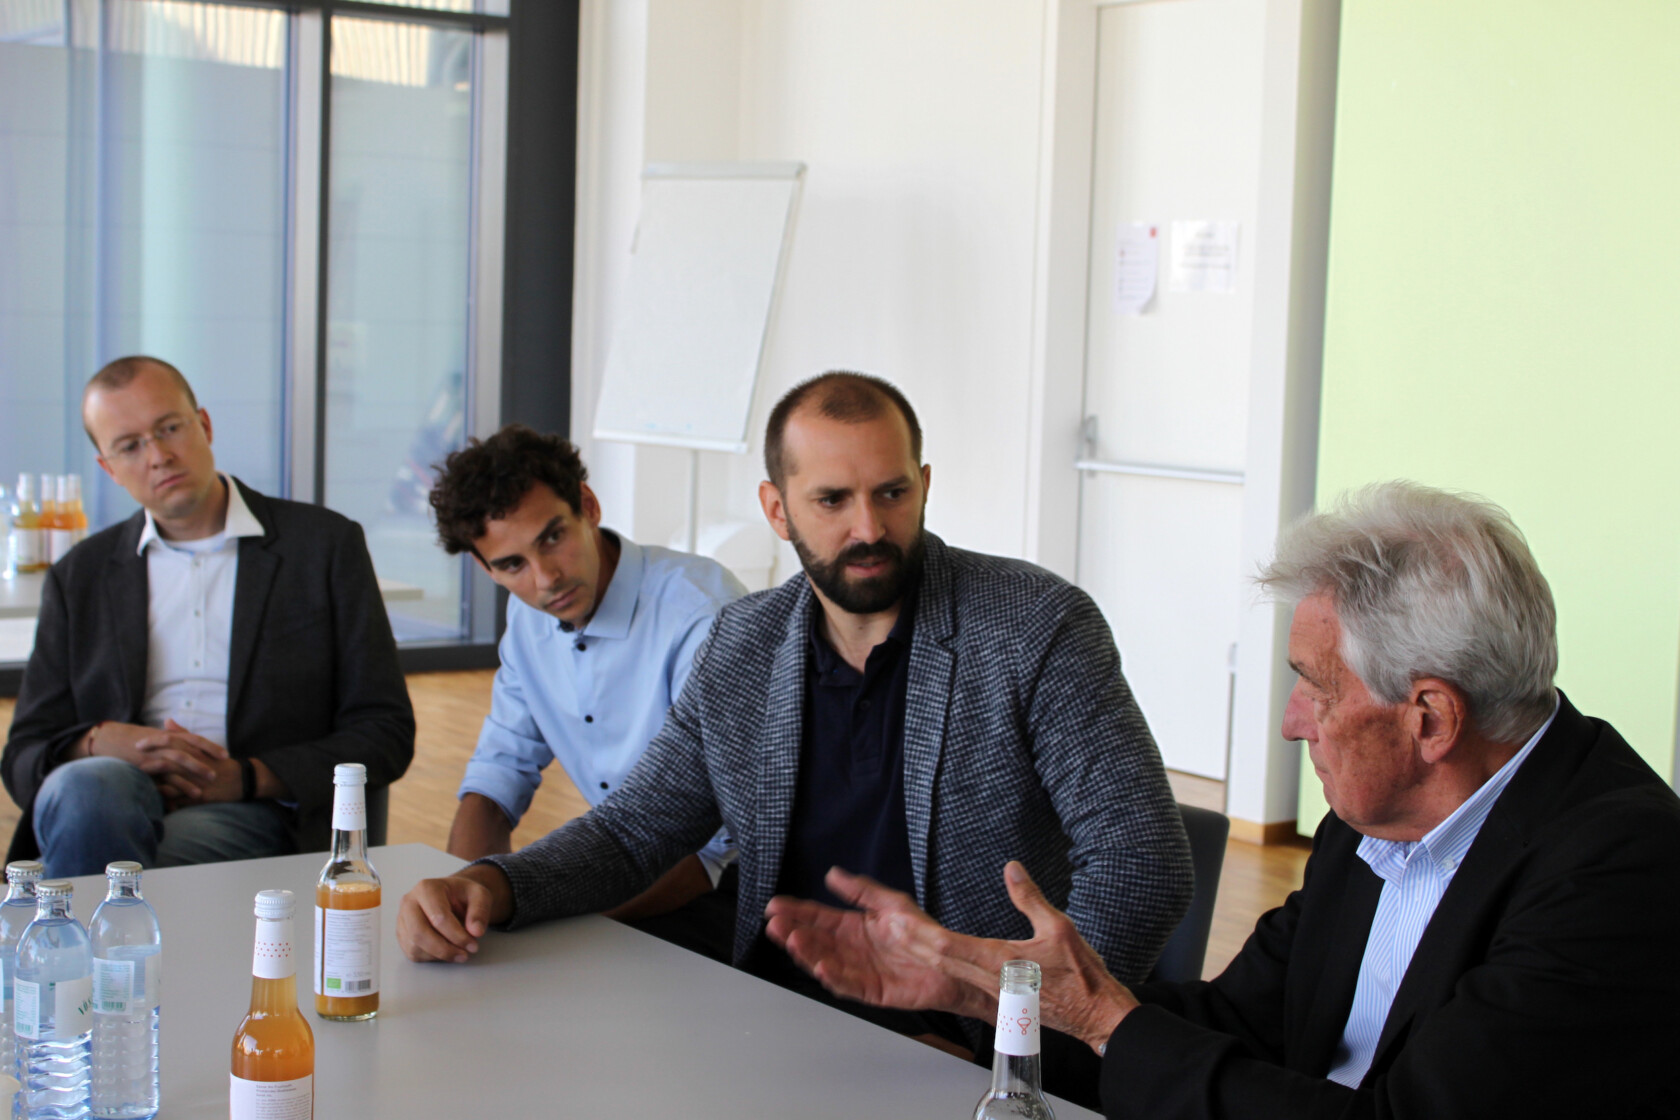 Bei einem exklusiven Workshop in Kooperation mit dem Innnovationslabor Digital Findet Stadt brachte der VZI am 10. September 2021 die Pioniere der Automatisierung mit führenden Unternehmen der Baubranche an einen Tisch.